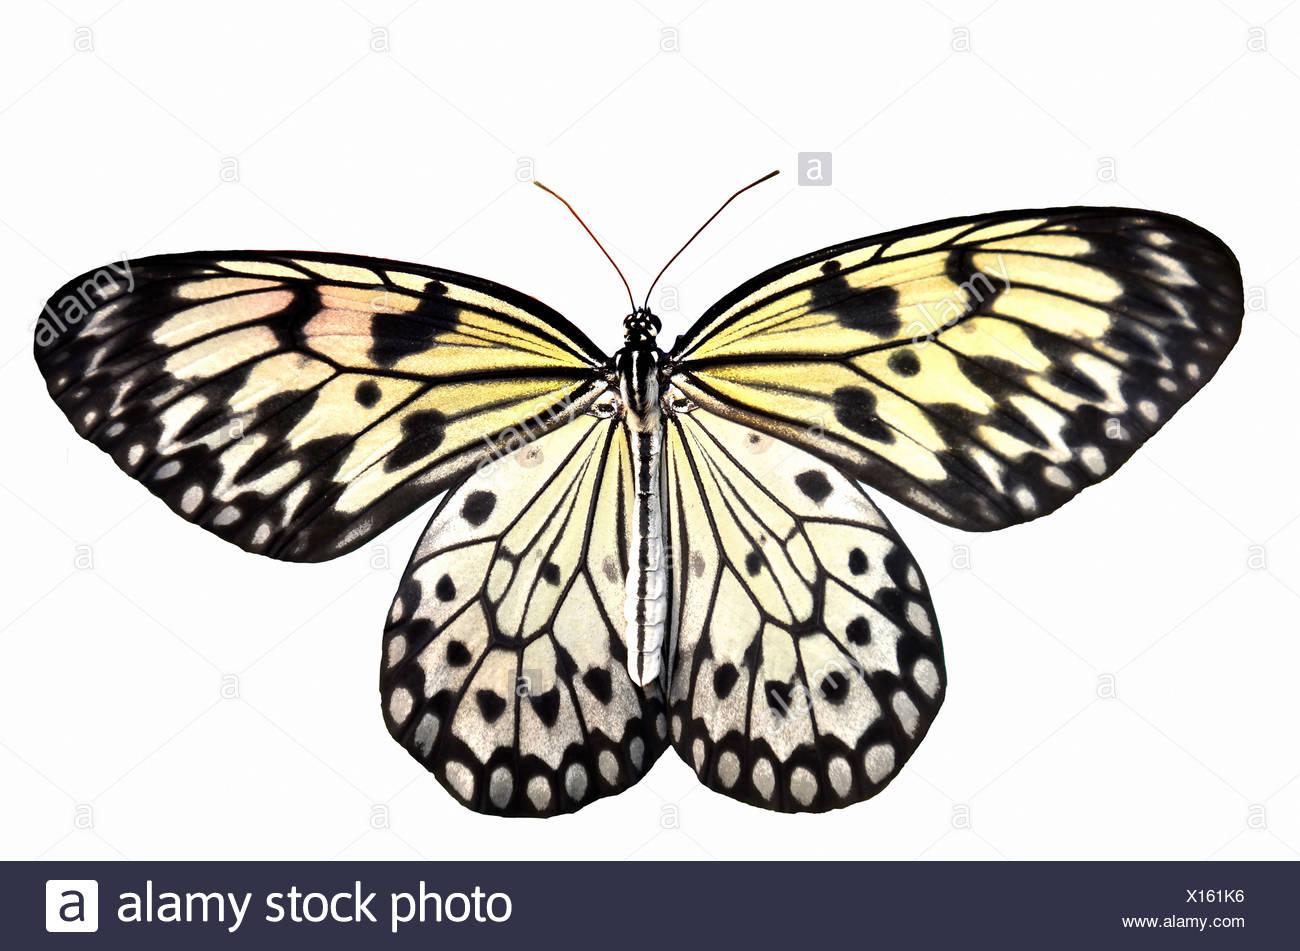 Un grande albero bianco ninfa, una farfalla tropicale con un tocco di giallo per le ali. Isolato su uno sfondo bianco Immagini Stock